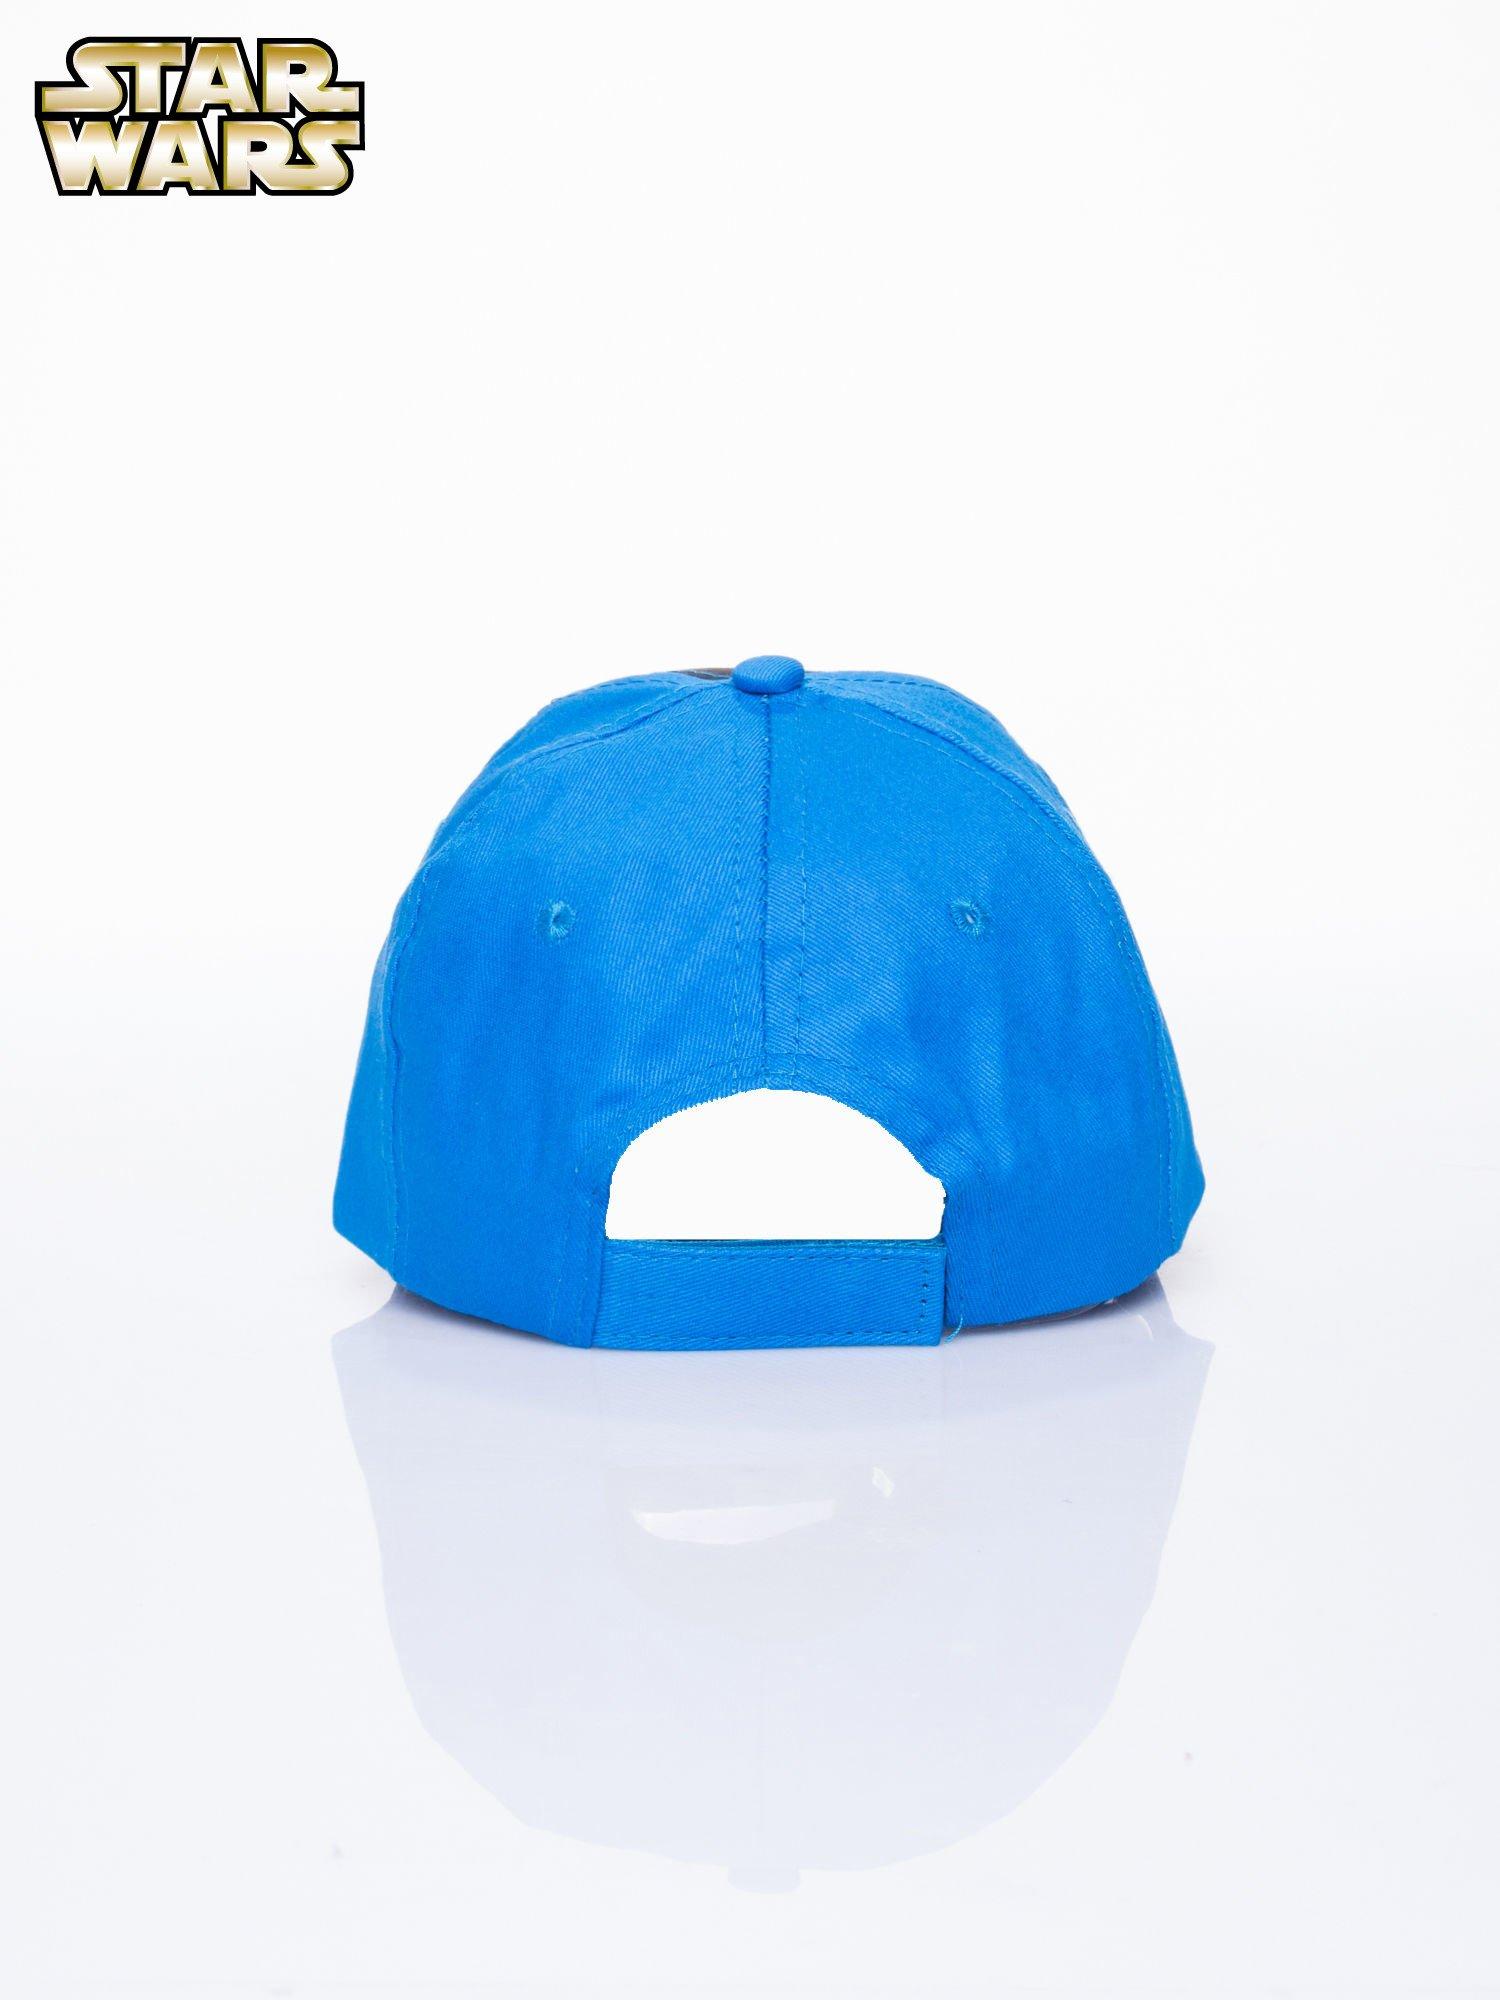 Niebieska chłopięca czapka z daszkiem STAR WARS                                  zdj.                                  3